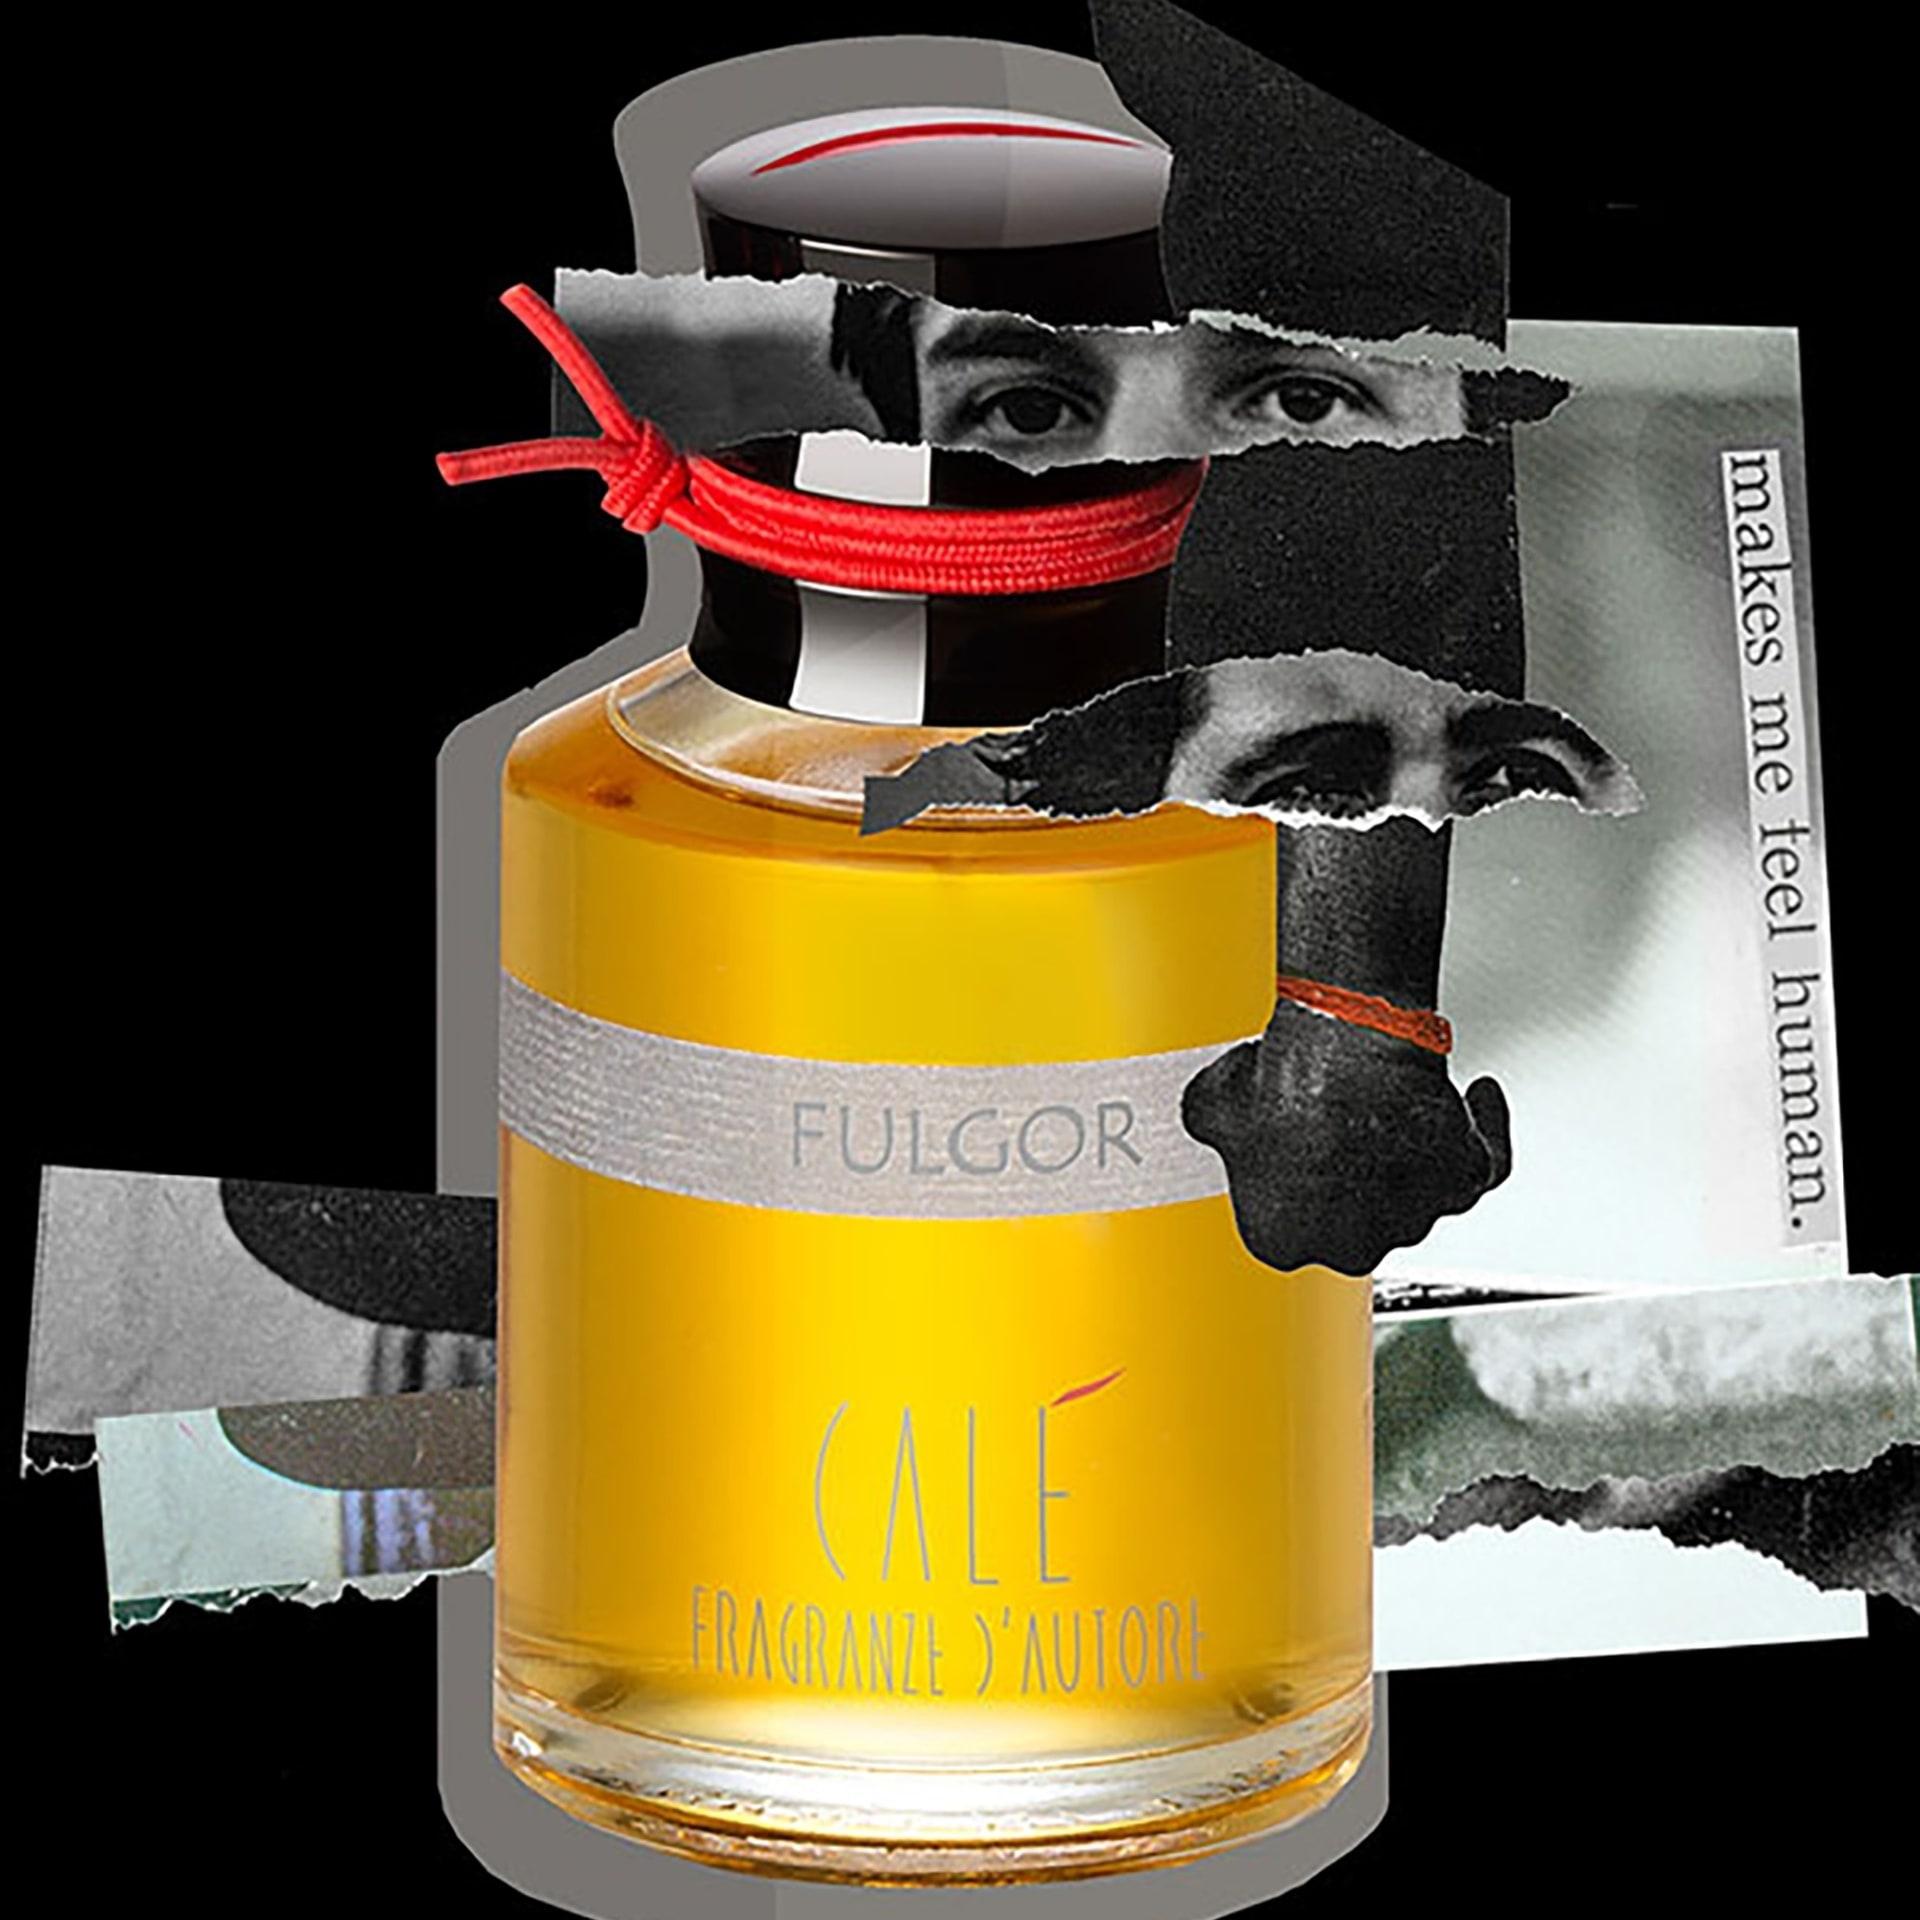 cale-fragranze-dautore-fulgor-1